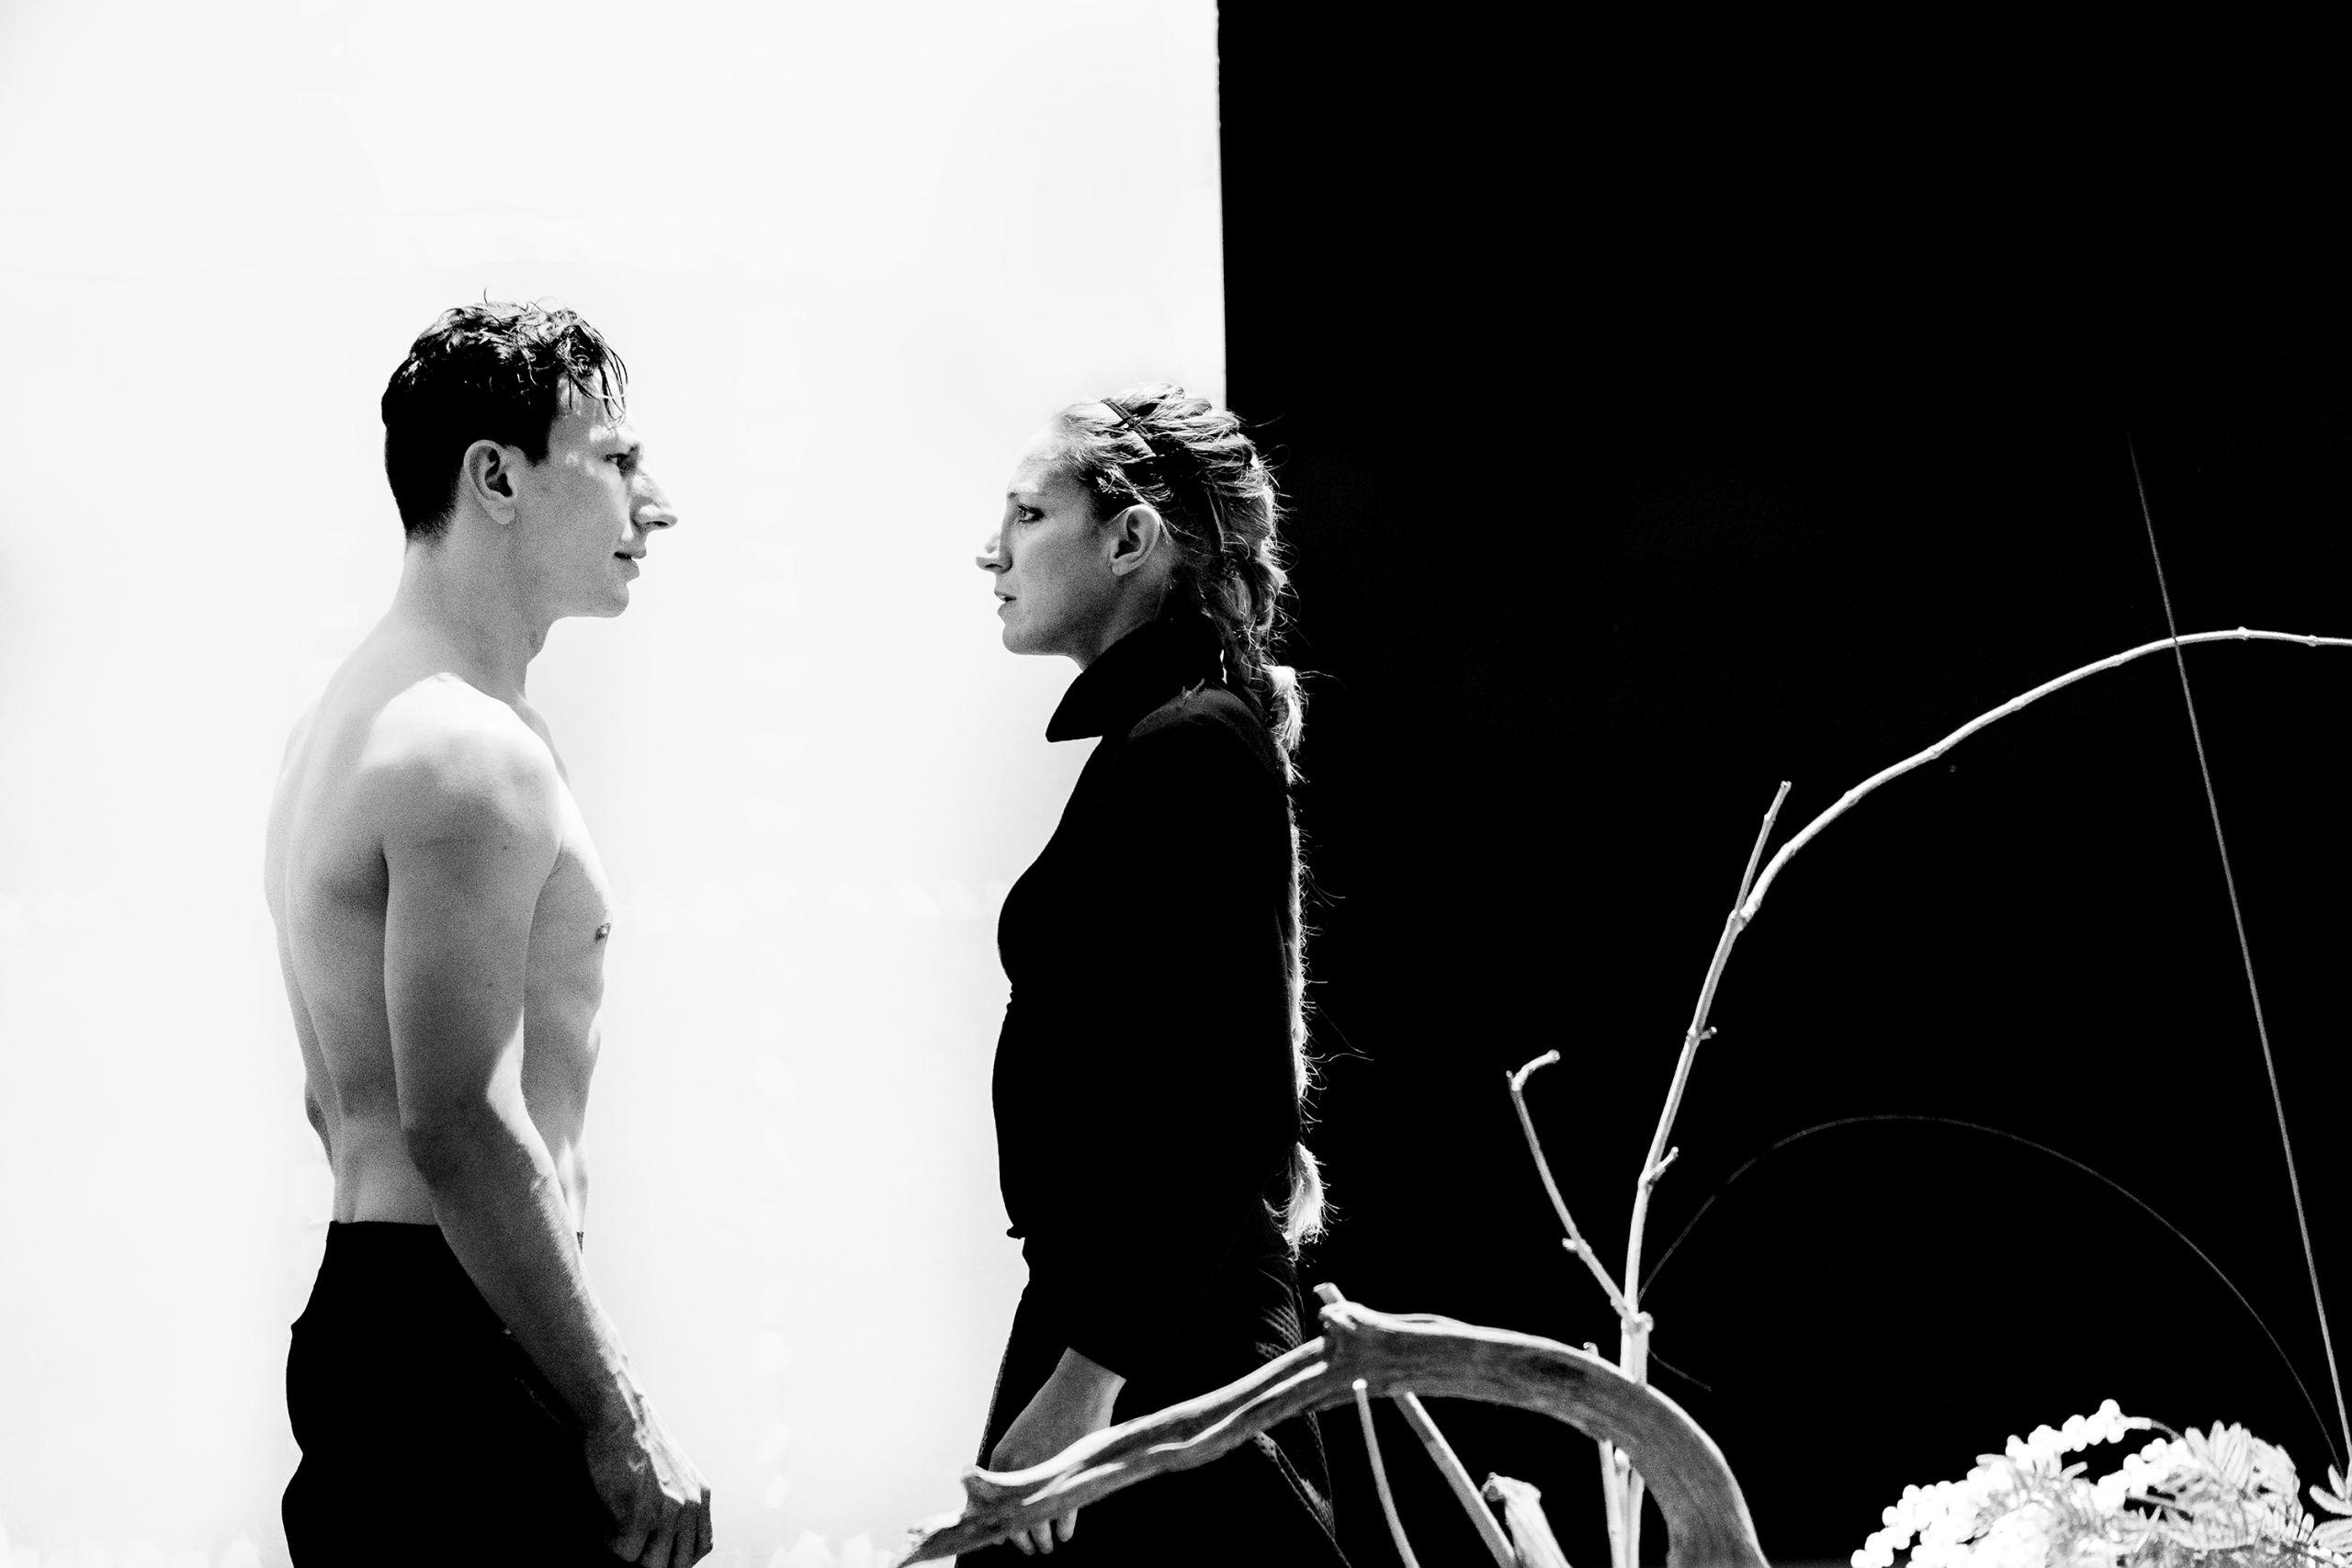 Φαίδρα, σε σκηνοθεσία Δημήτρη Καραντζά στο Θέατρο Προσκήνιο